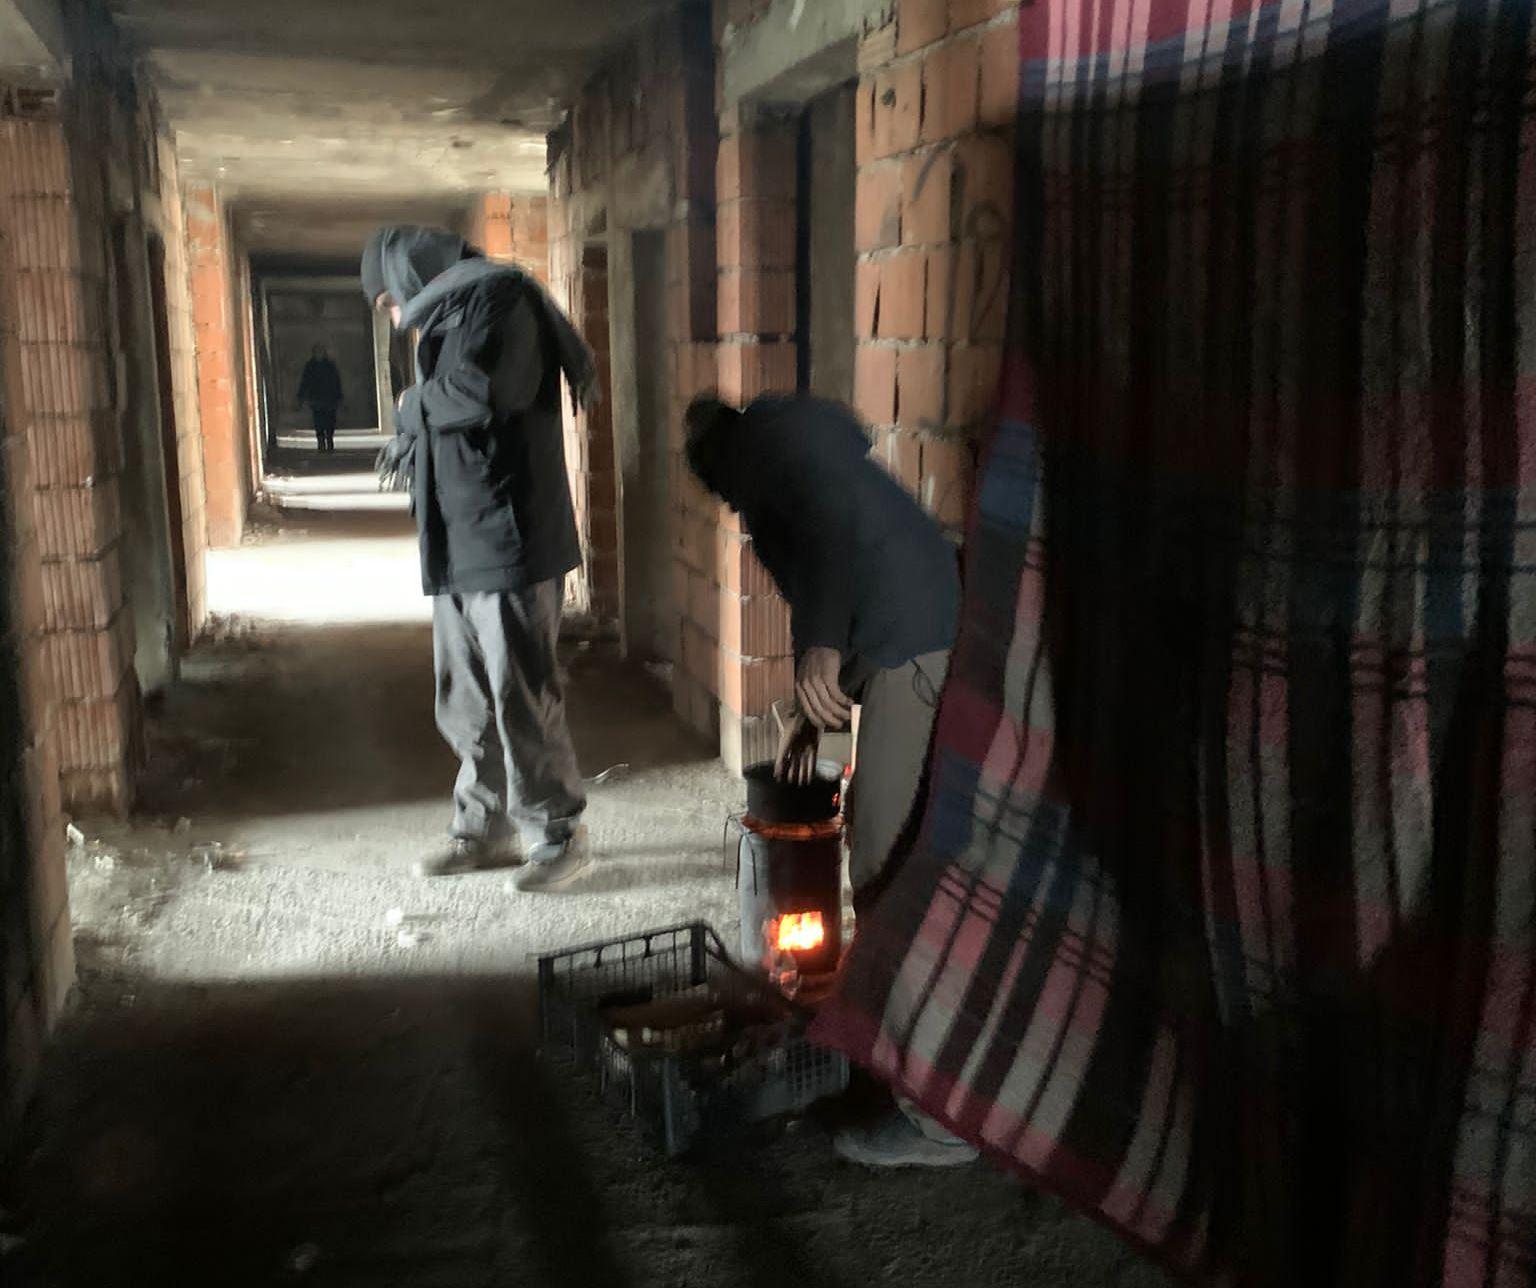 Depósito de seres humanos: refugiados tentam se proteger do frio no Dom. Foto Dennis Castiglione